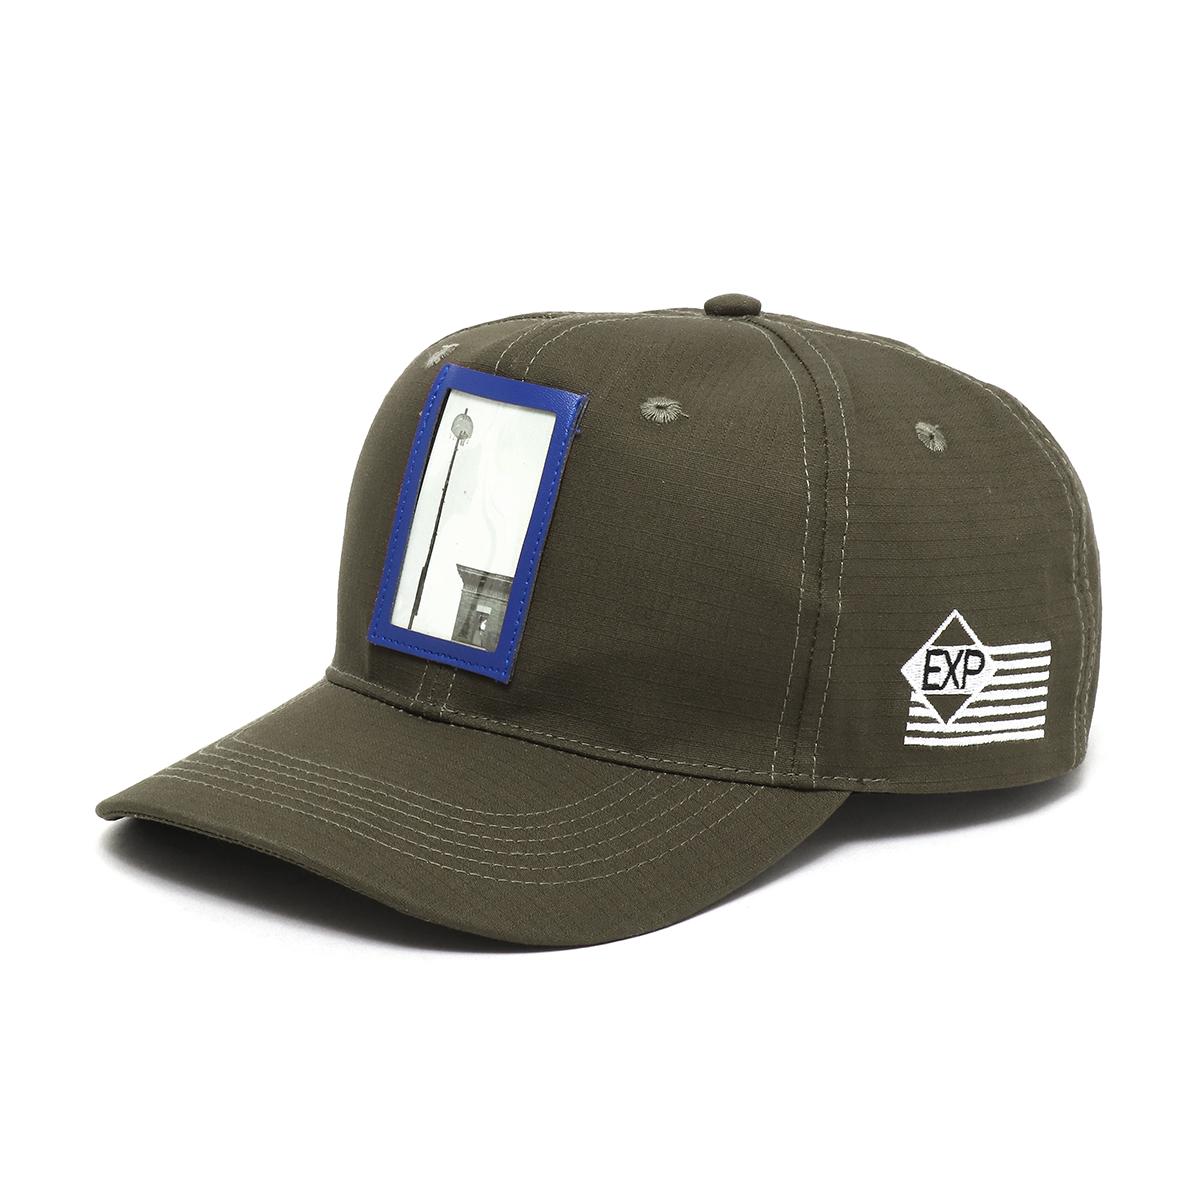 EXPANSION x ATMOS LAB 6PANEL CAP (アトモスラボ エクスパンション アトモスラボ シックスパネル キャップ) OLIVE GREEN【帽子】18SS-S